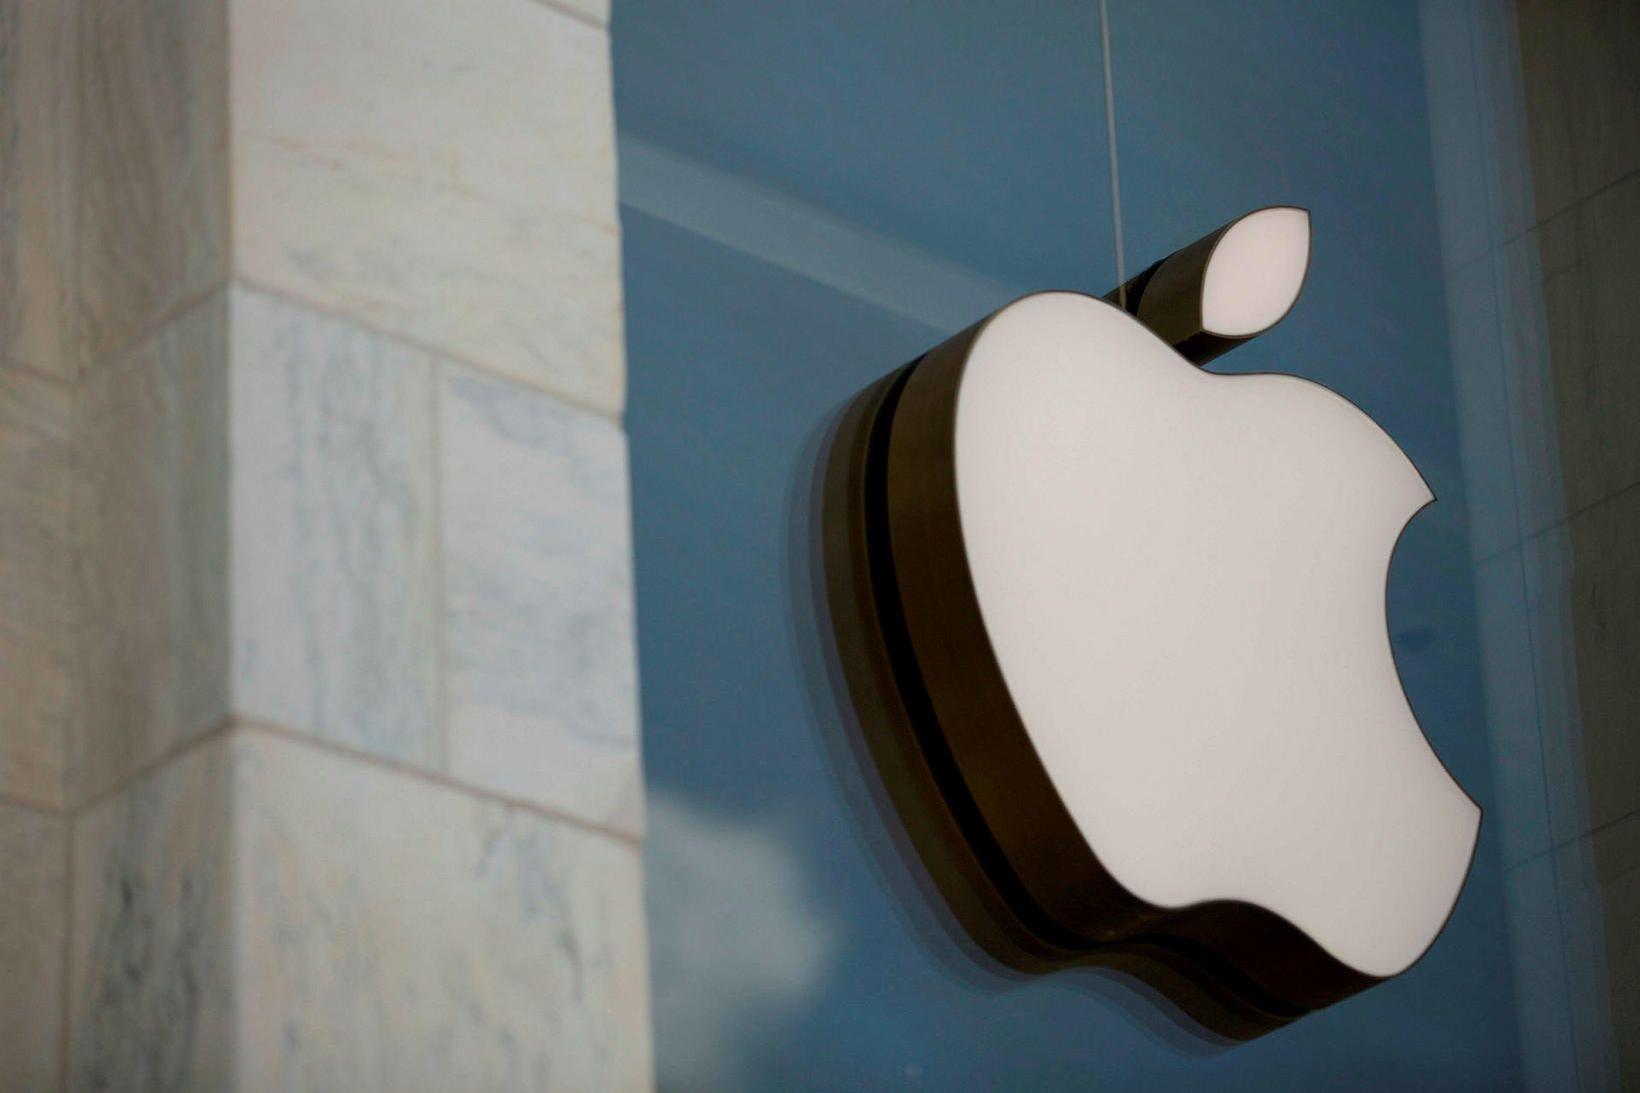 Tæknirisinn Apple er ósáttur við nýjar reglur ESB þar sem …